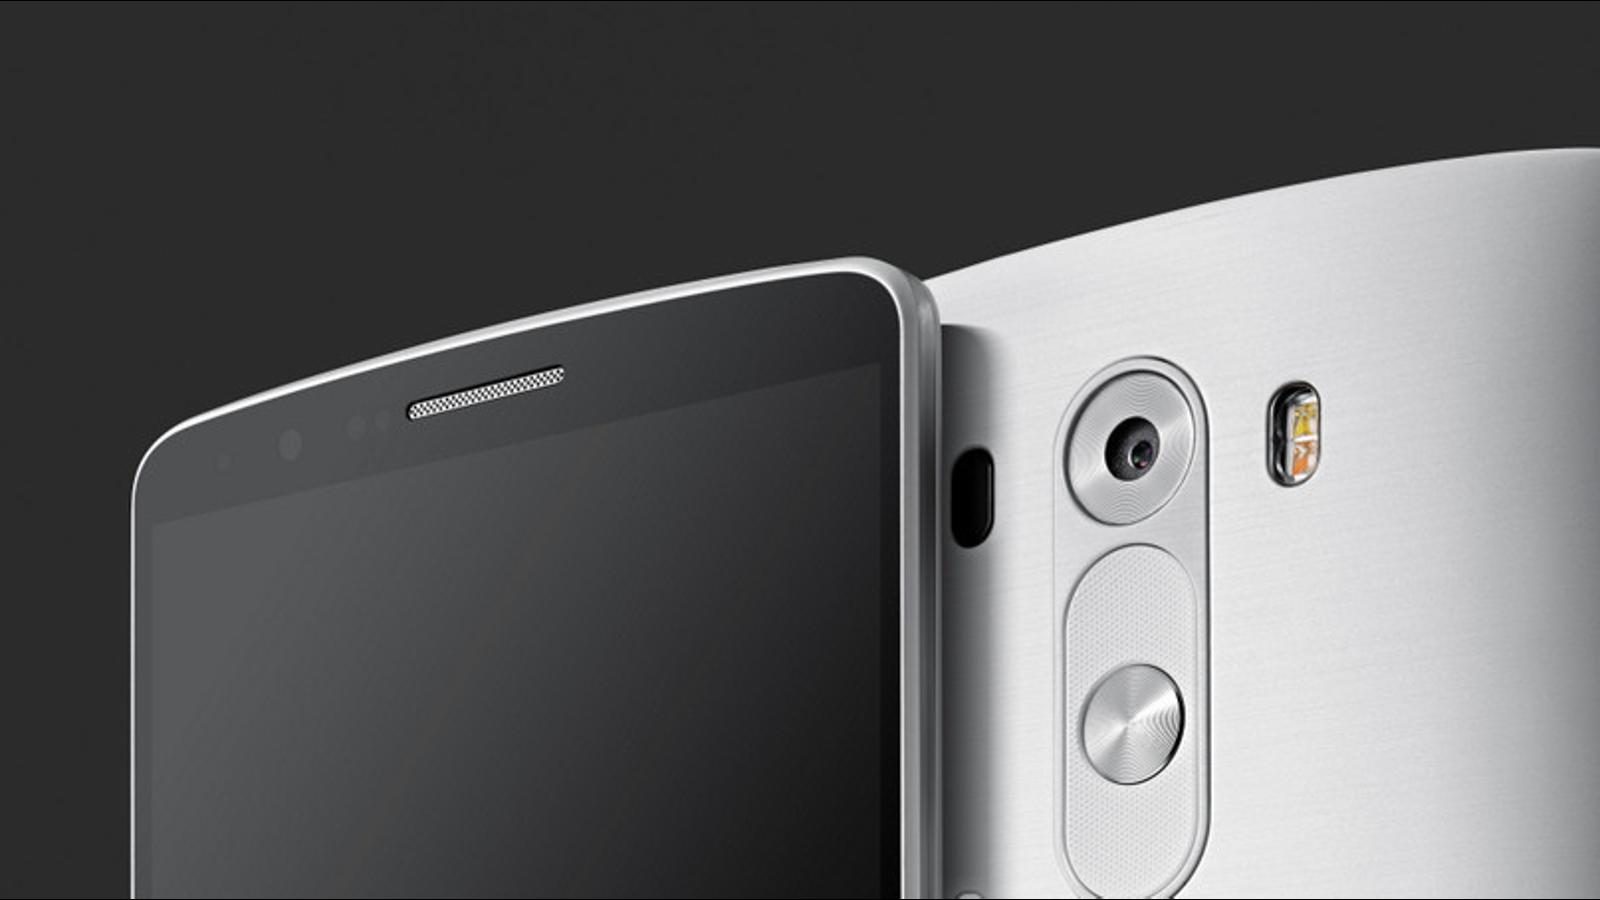 El LG G3 vendrá con un nuevo sistema de autofoco por láser